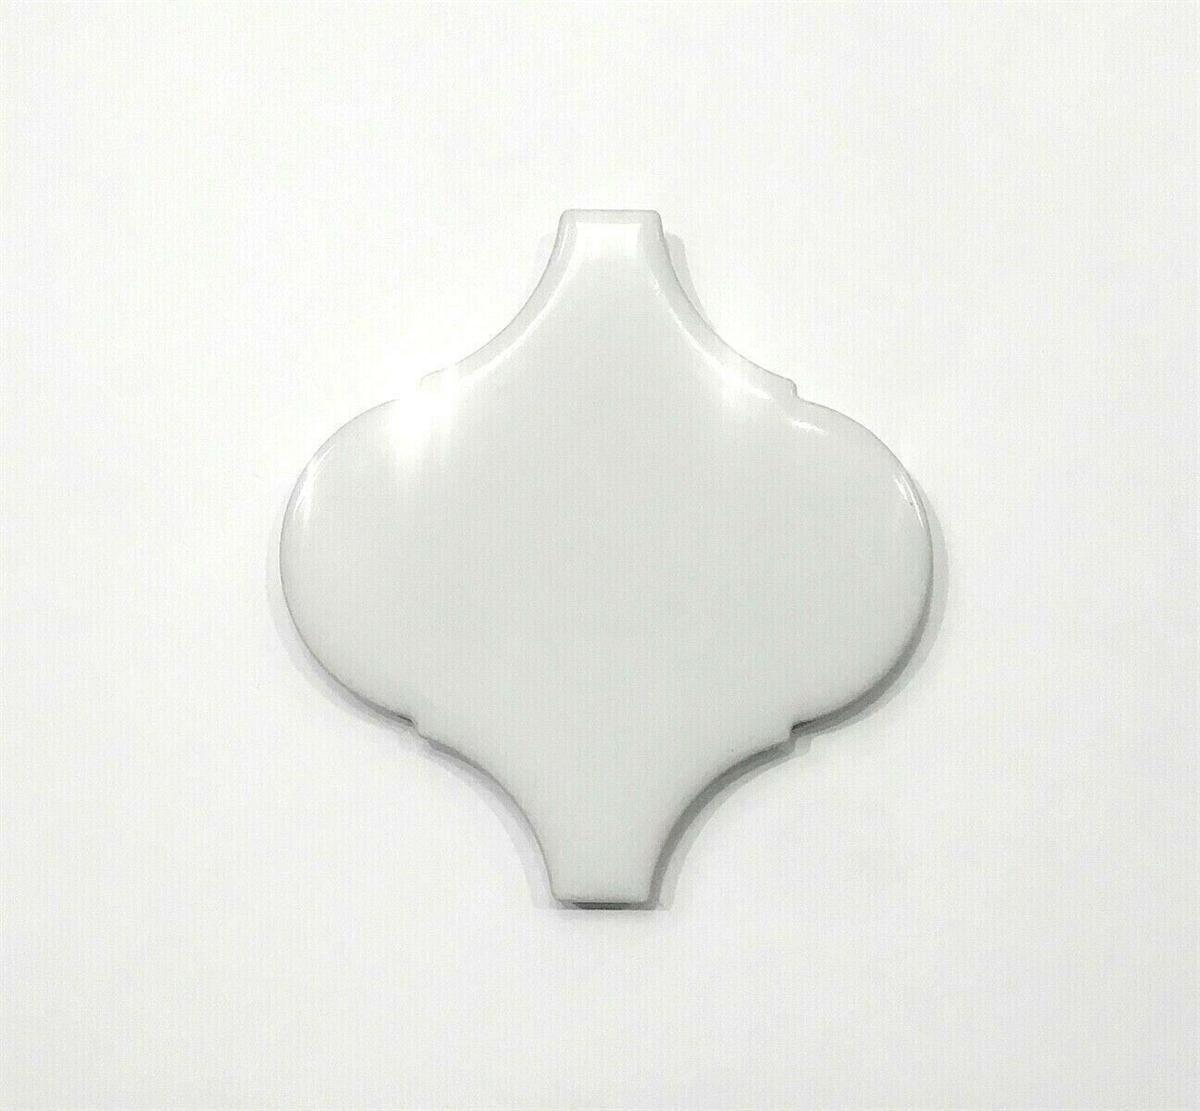 Lantern White 2 7 6 Quot X 3 Quot Porcelain Tile Decorative Accent